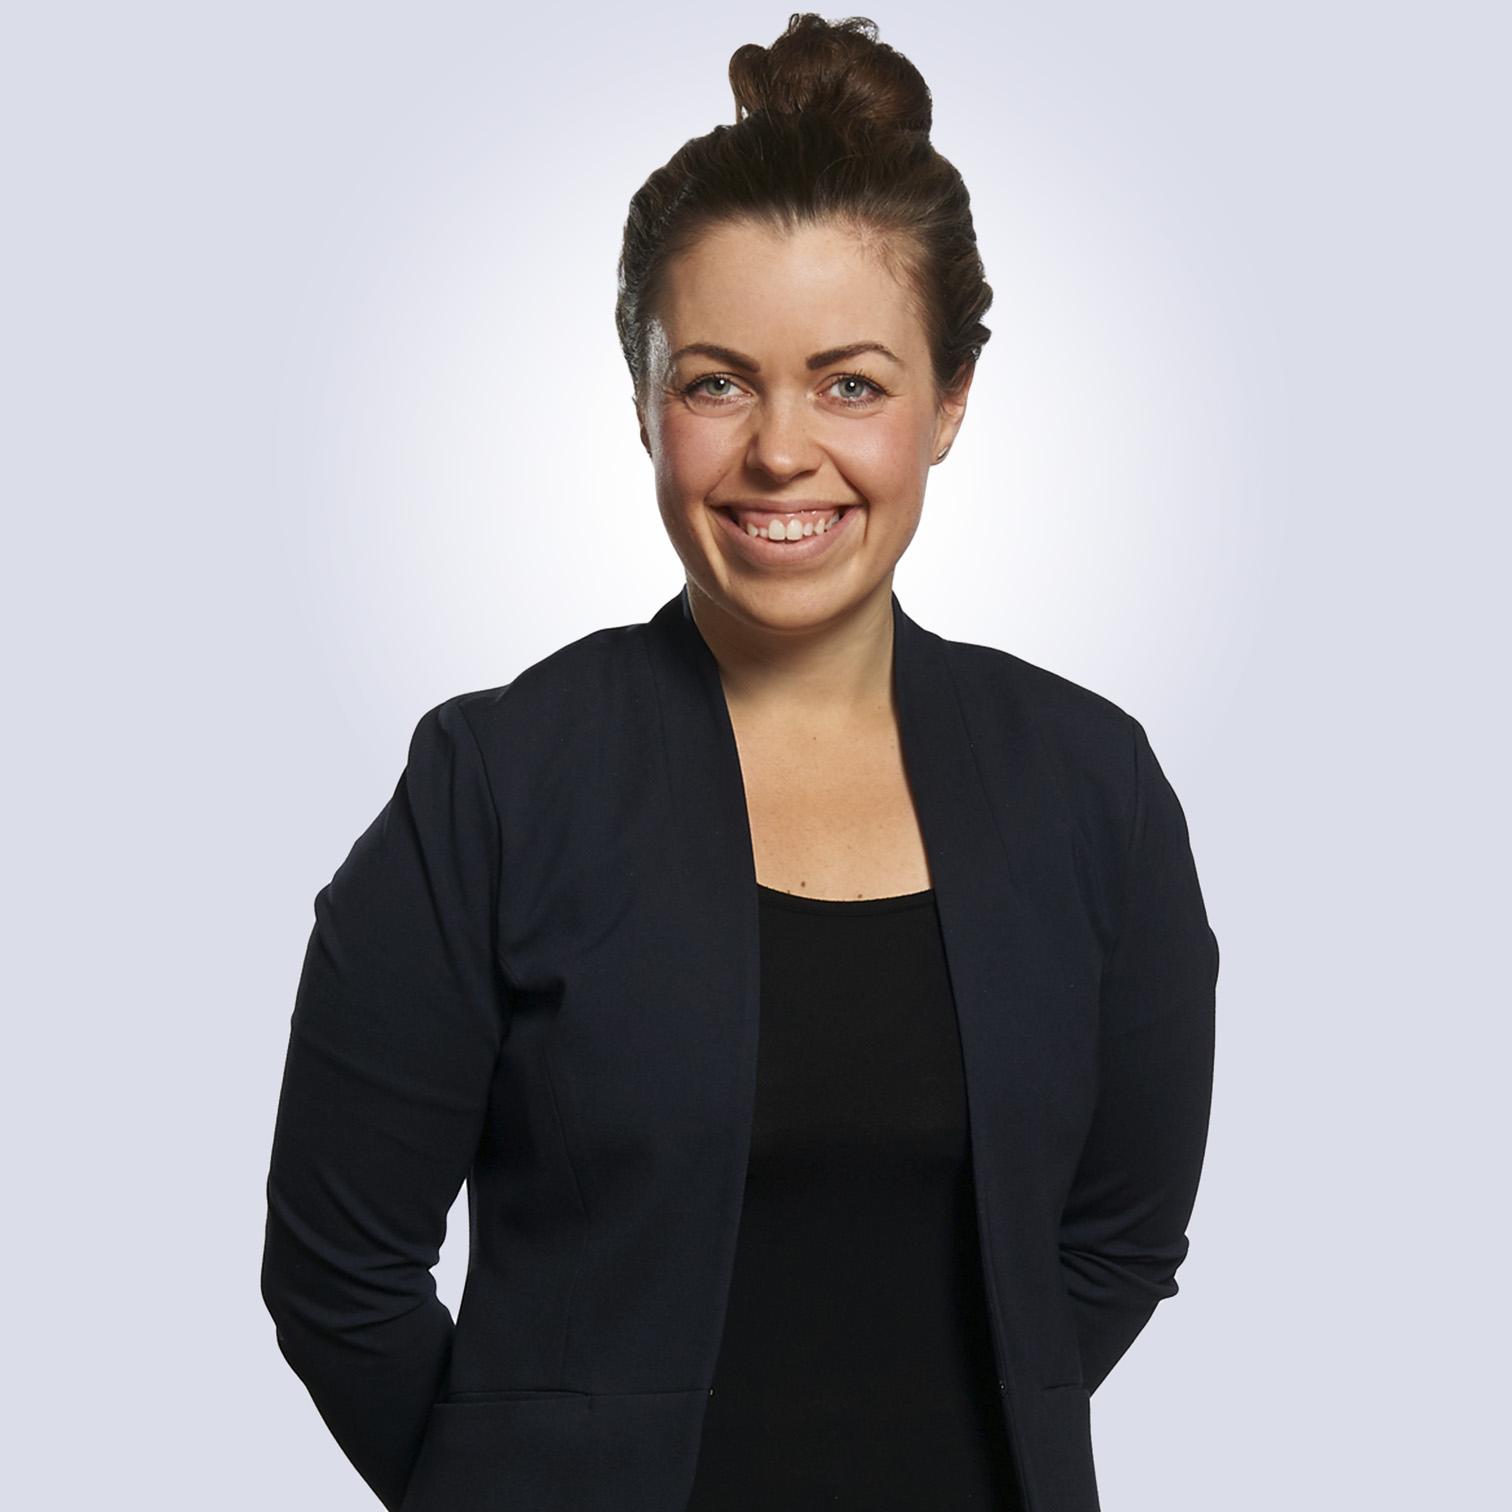 Mia Møller Mølgaard